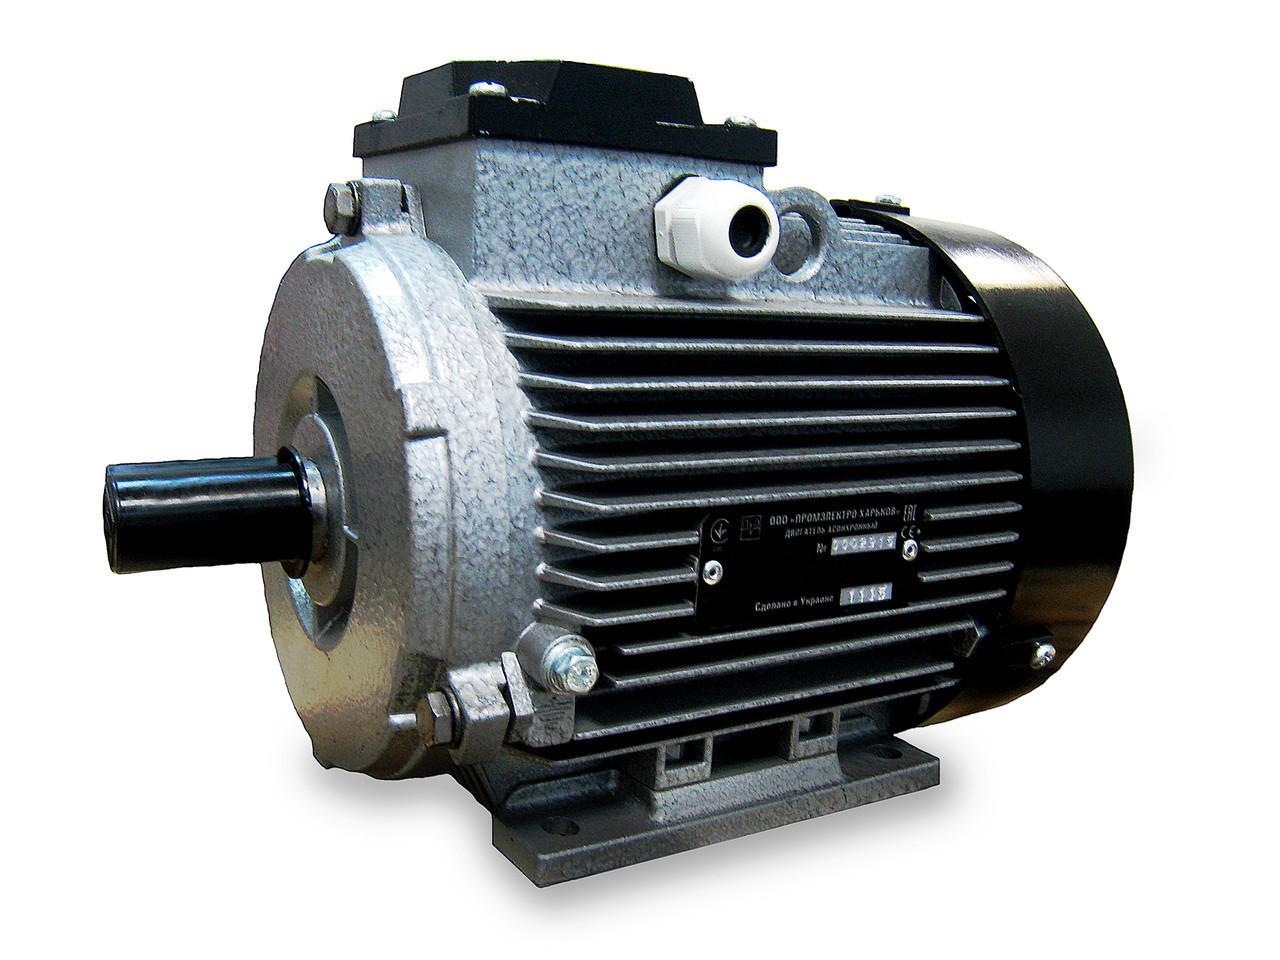 Асинхронний трифазний двигун АІР 100 S4 У2 (Л)